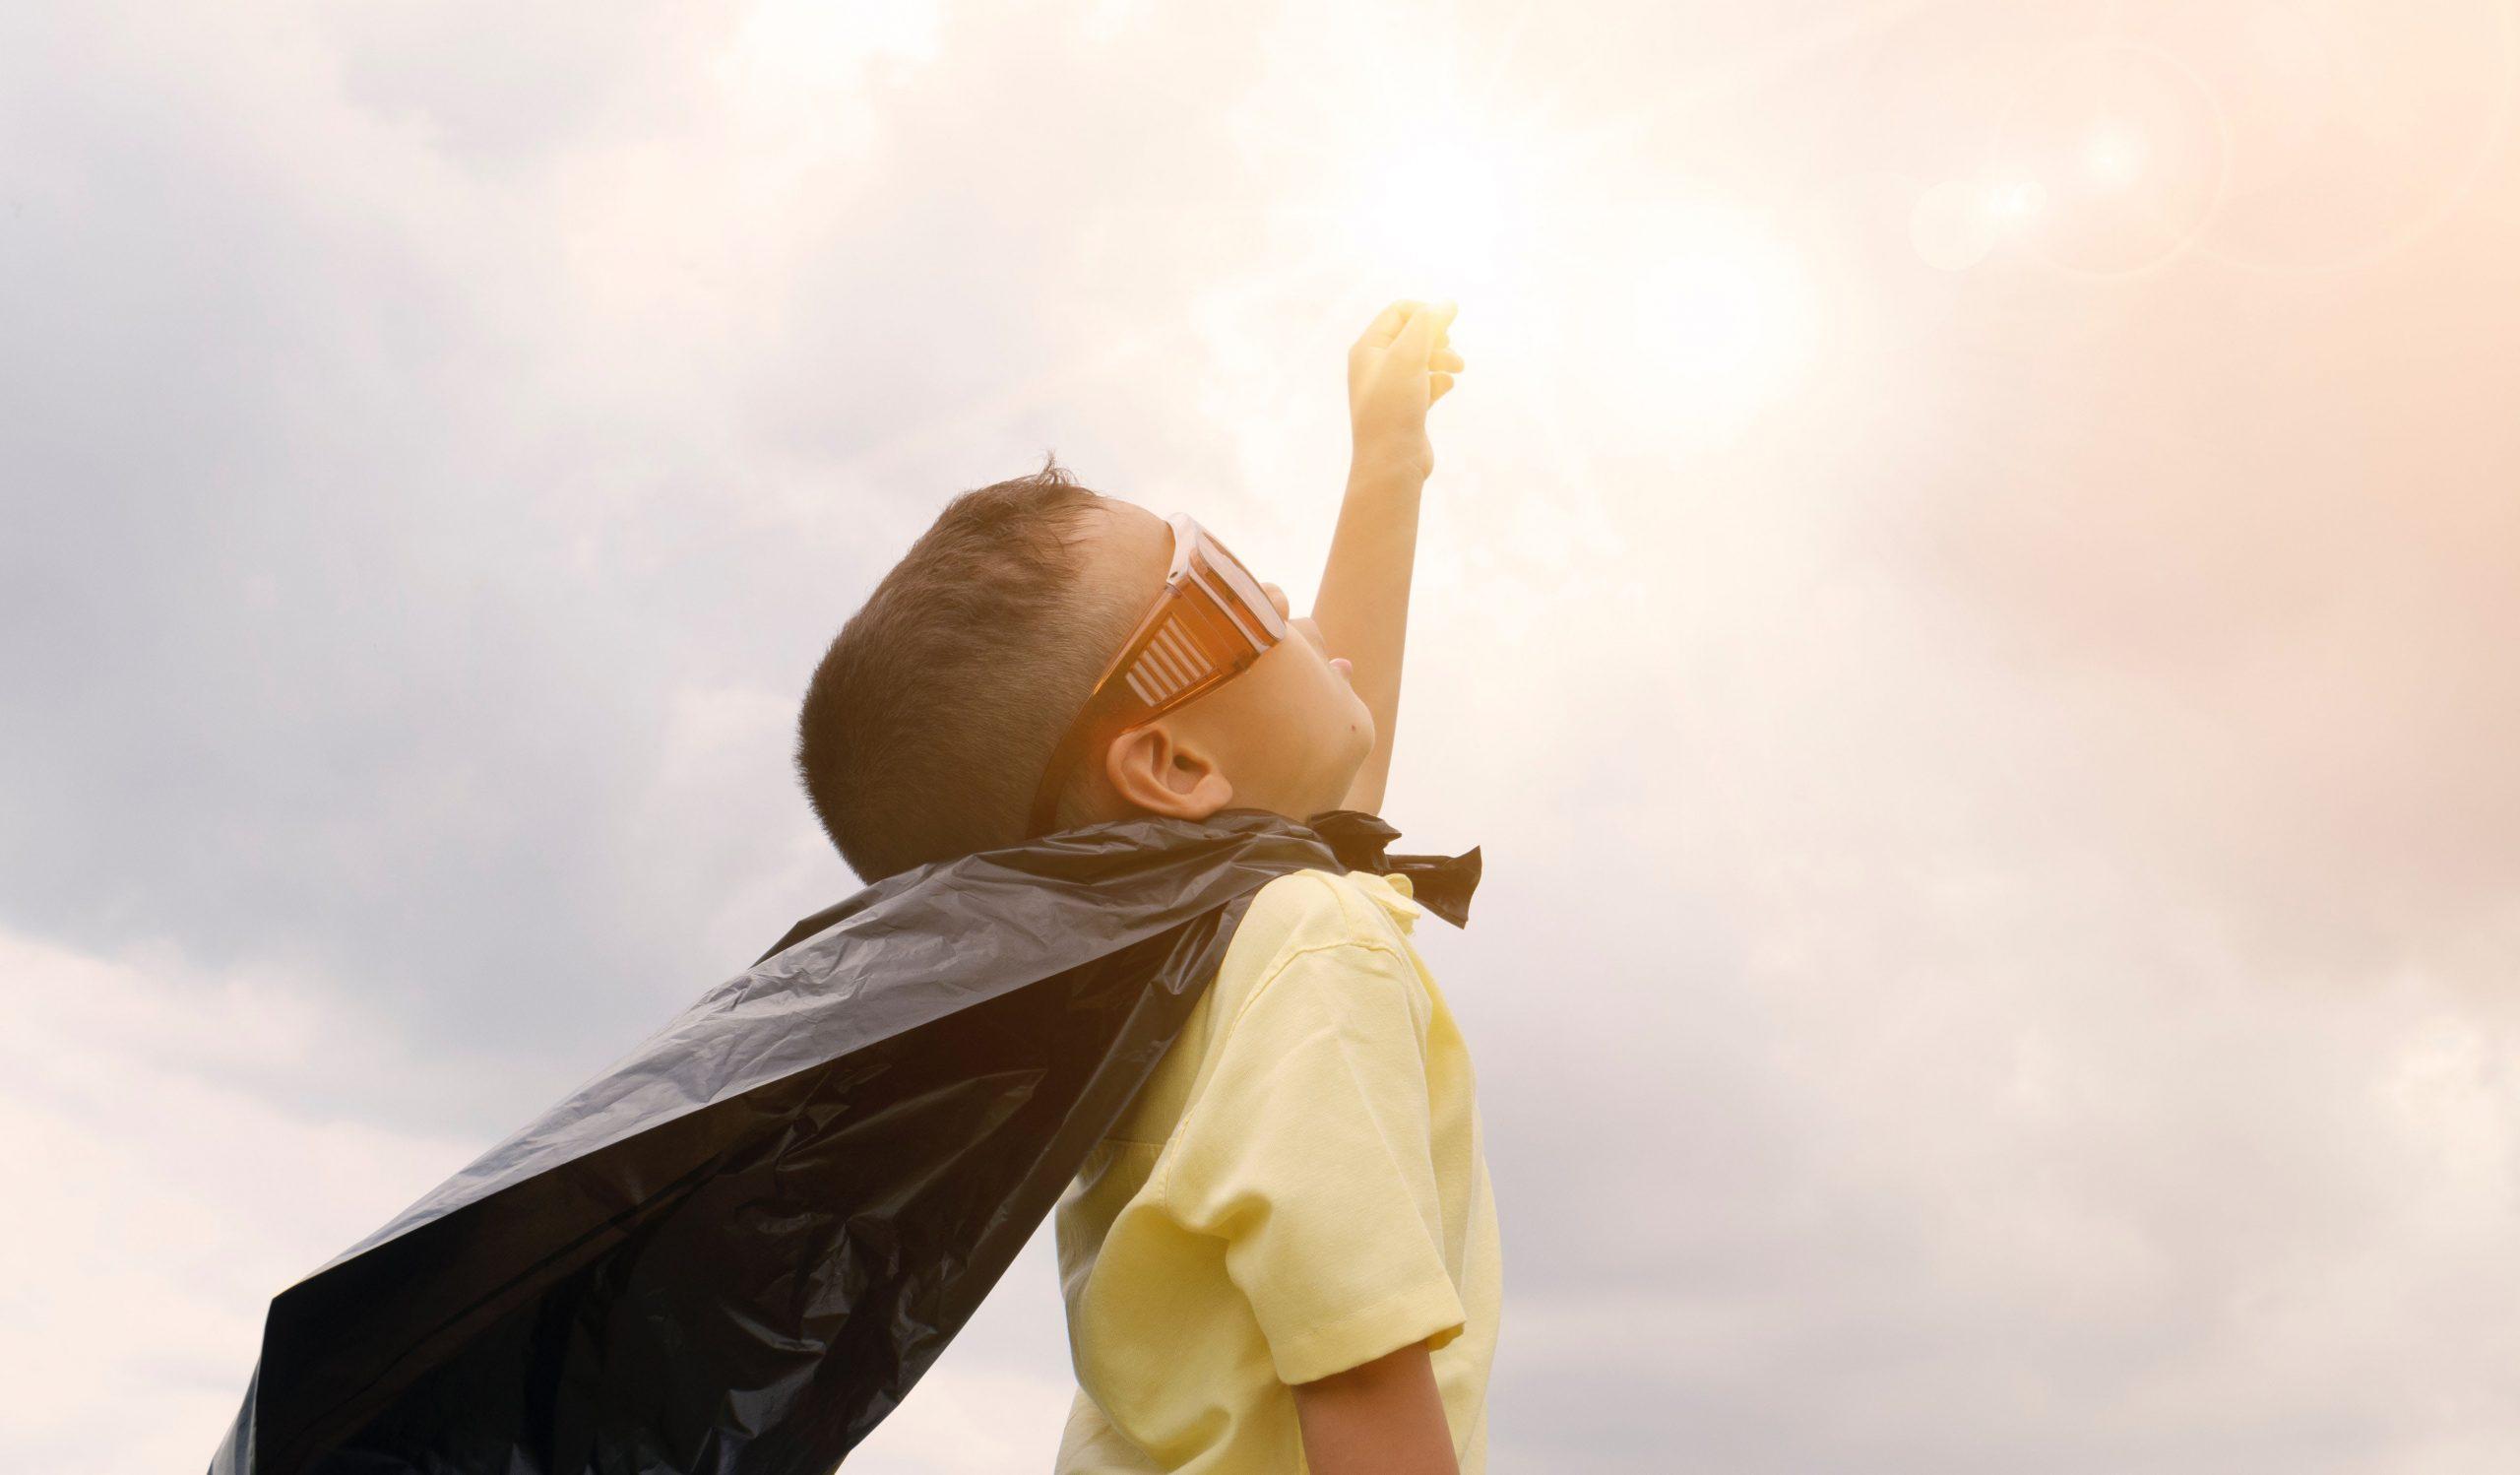 niño superman altas capacidades